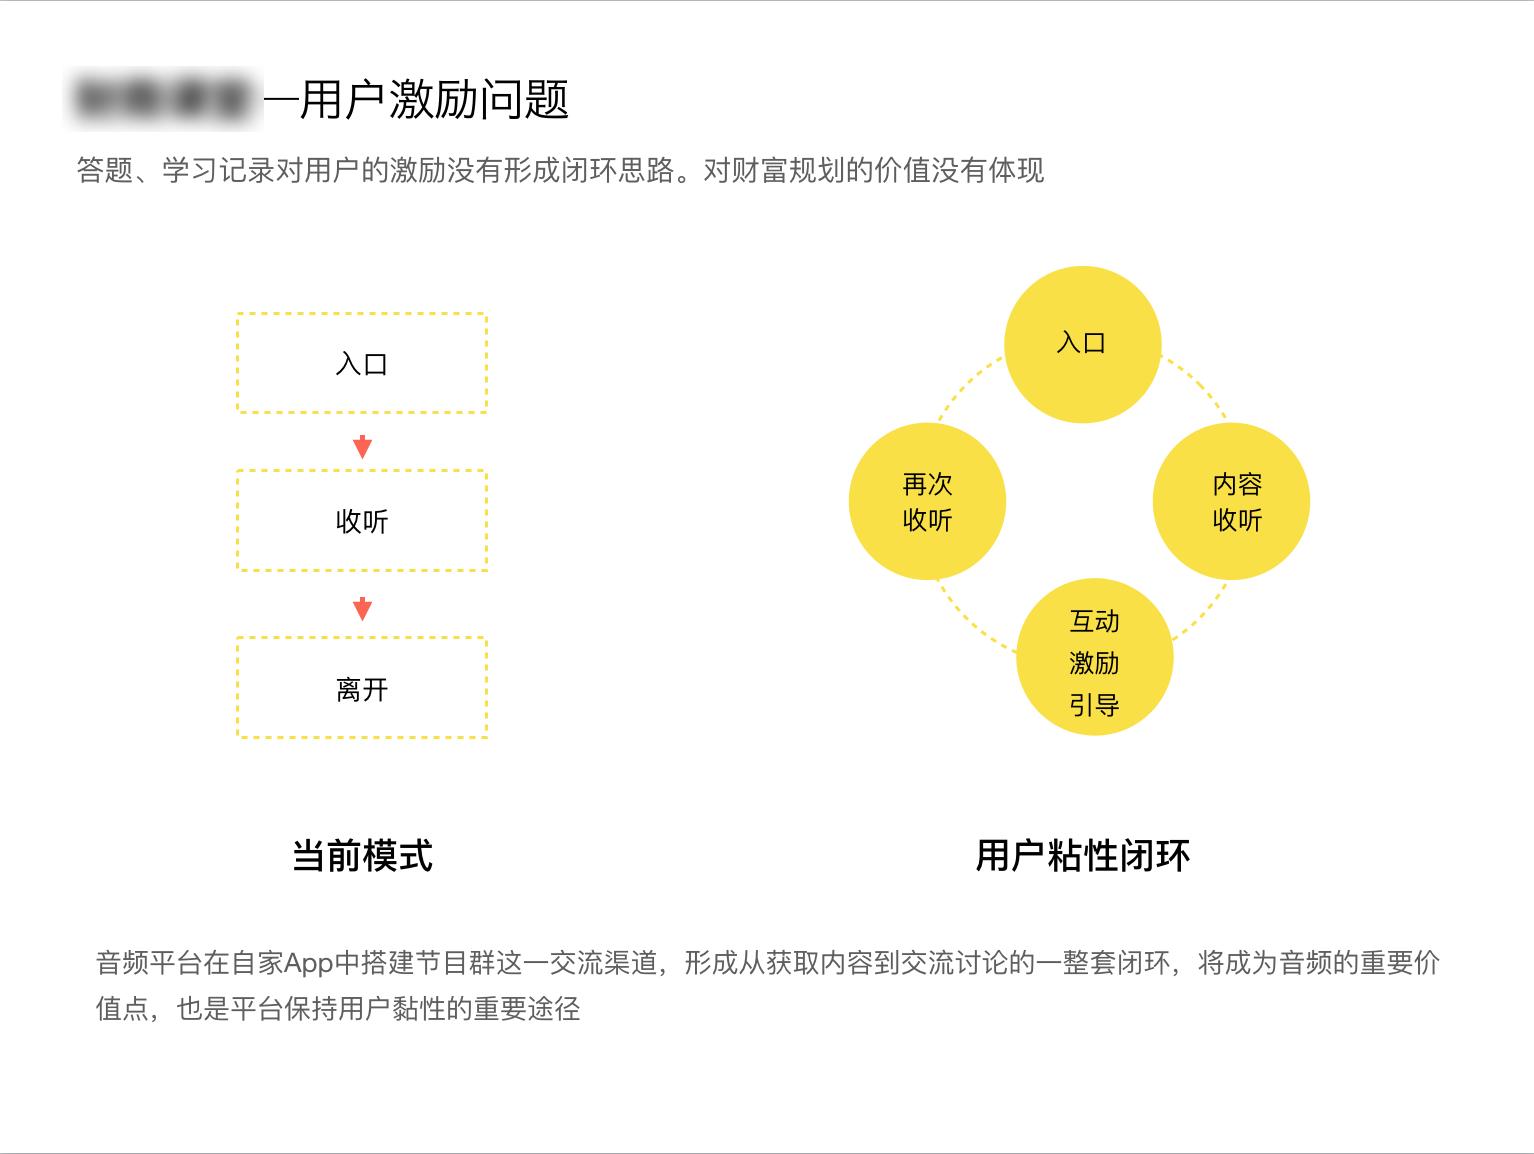 如何打破设计边界,驱动业务数据增长?插图9